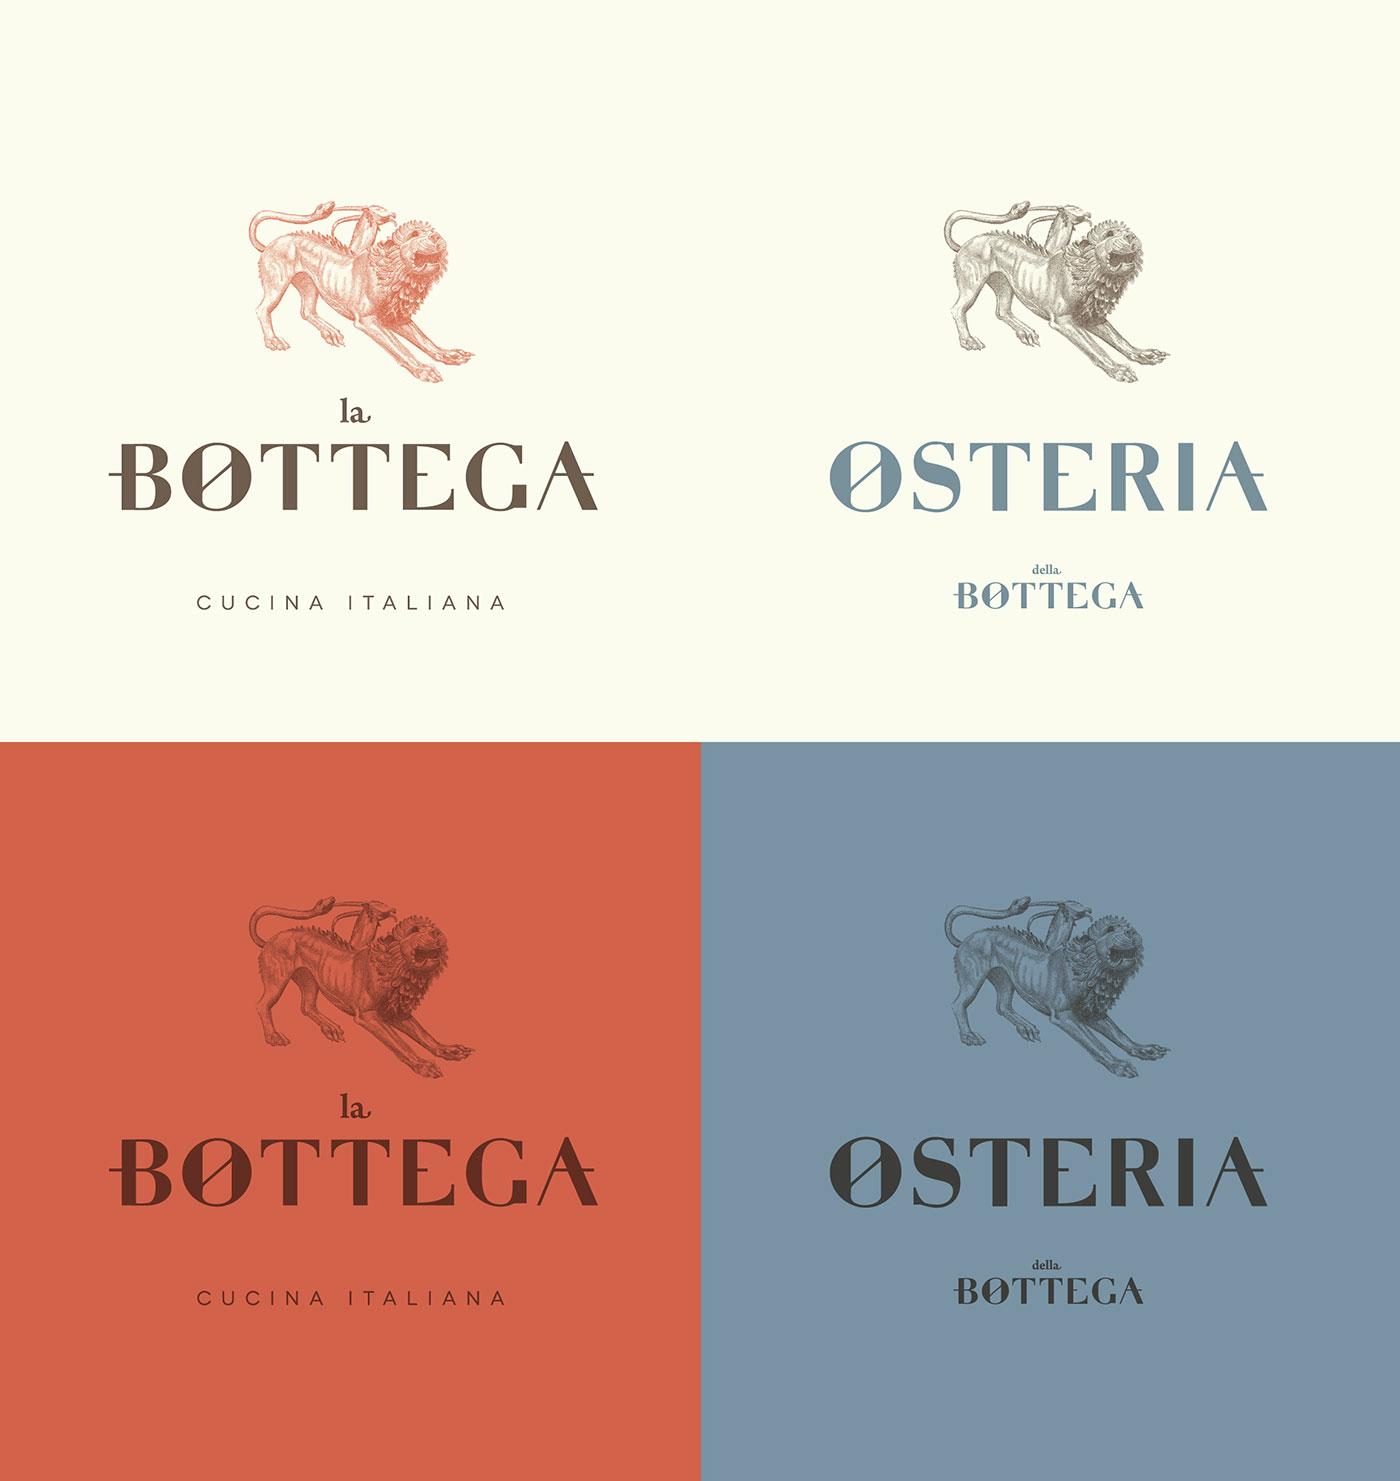 La Bottega identity